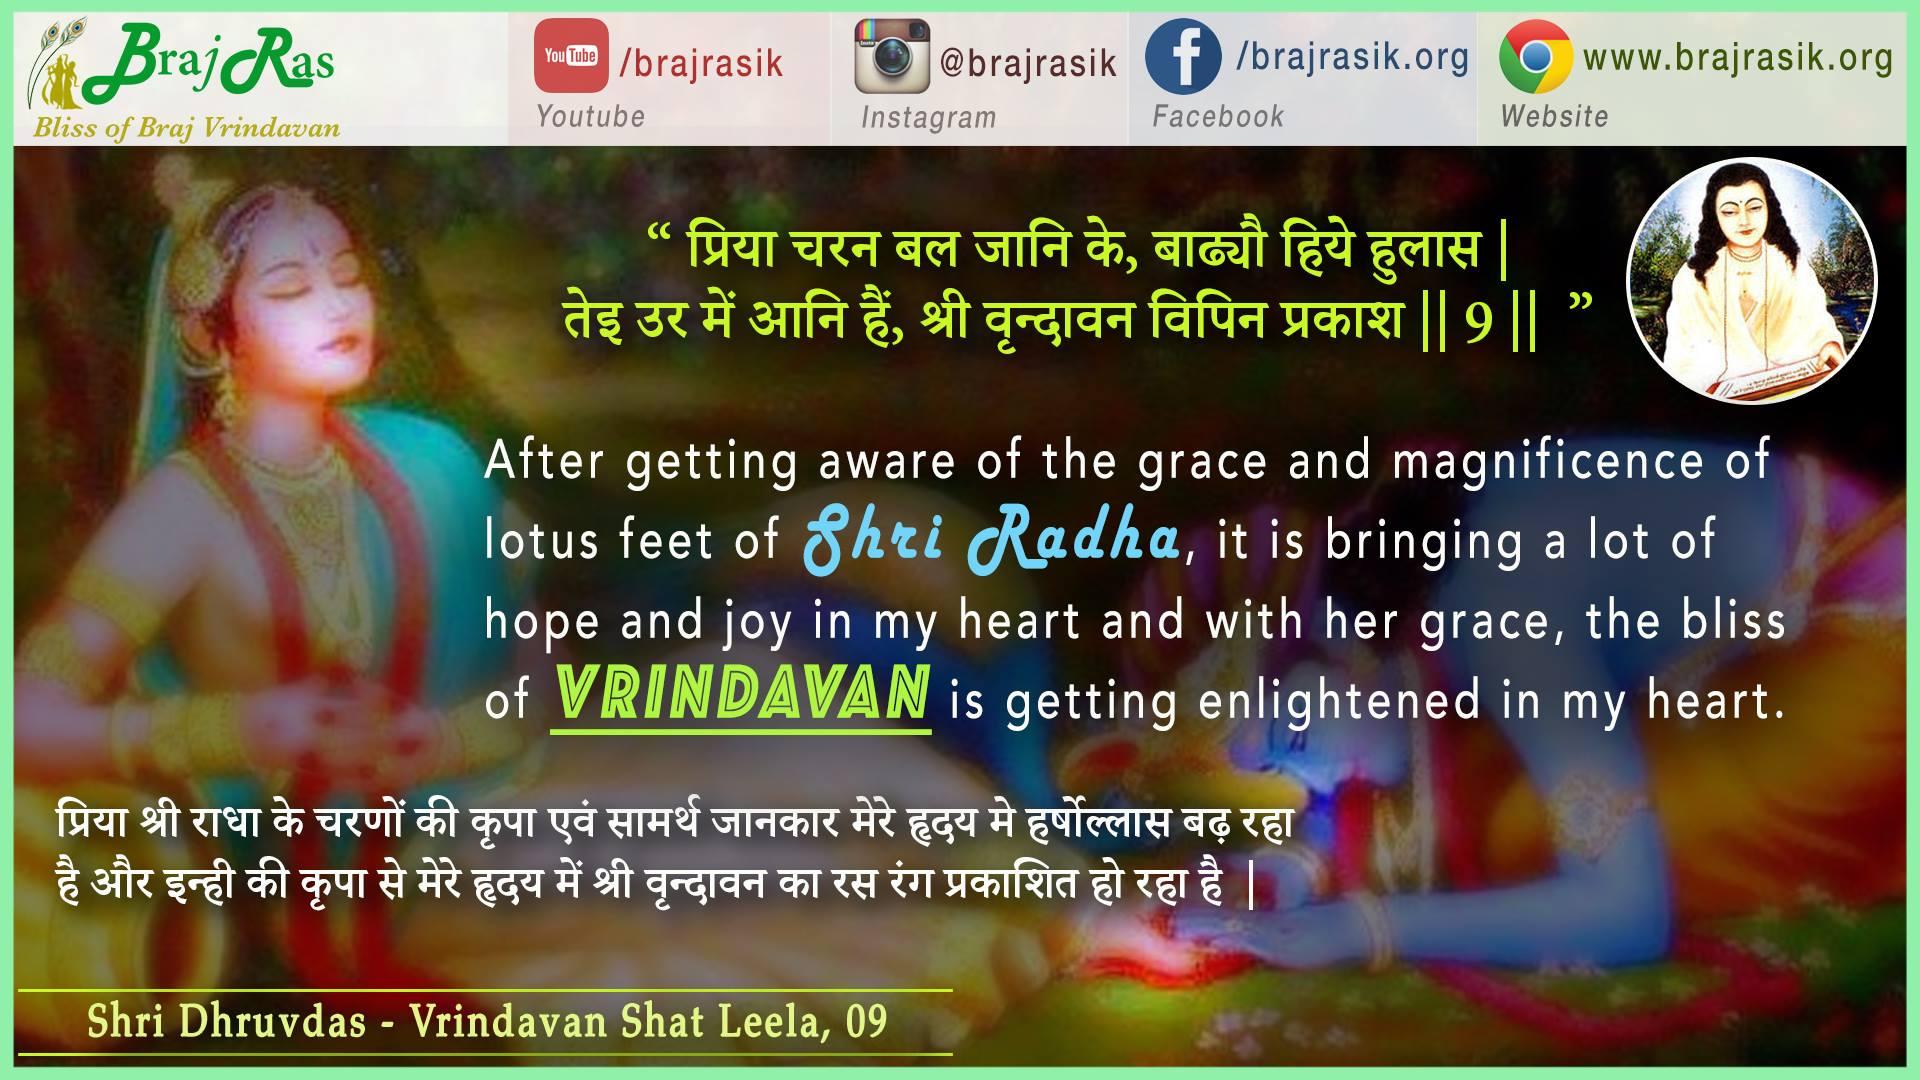 Priya Charan Bal Jani Ke - Shri Dhruvdas - Vrindavan Shat Leela (09)